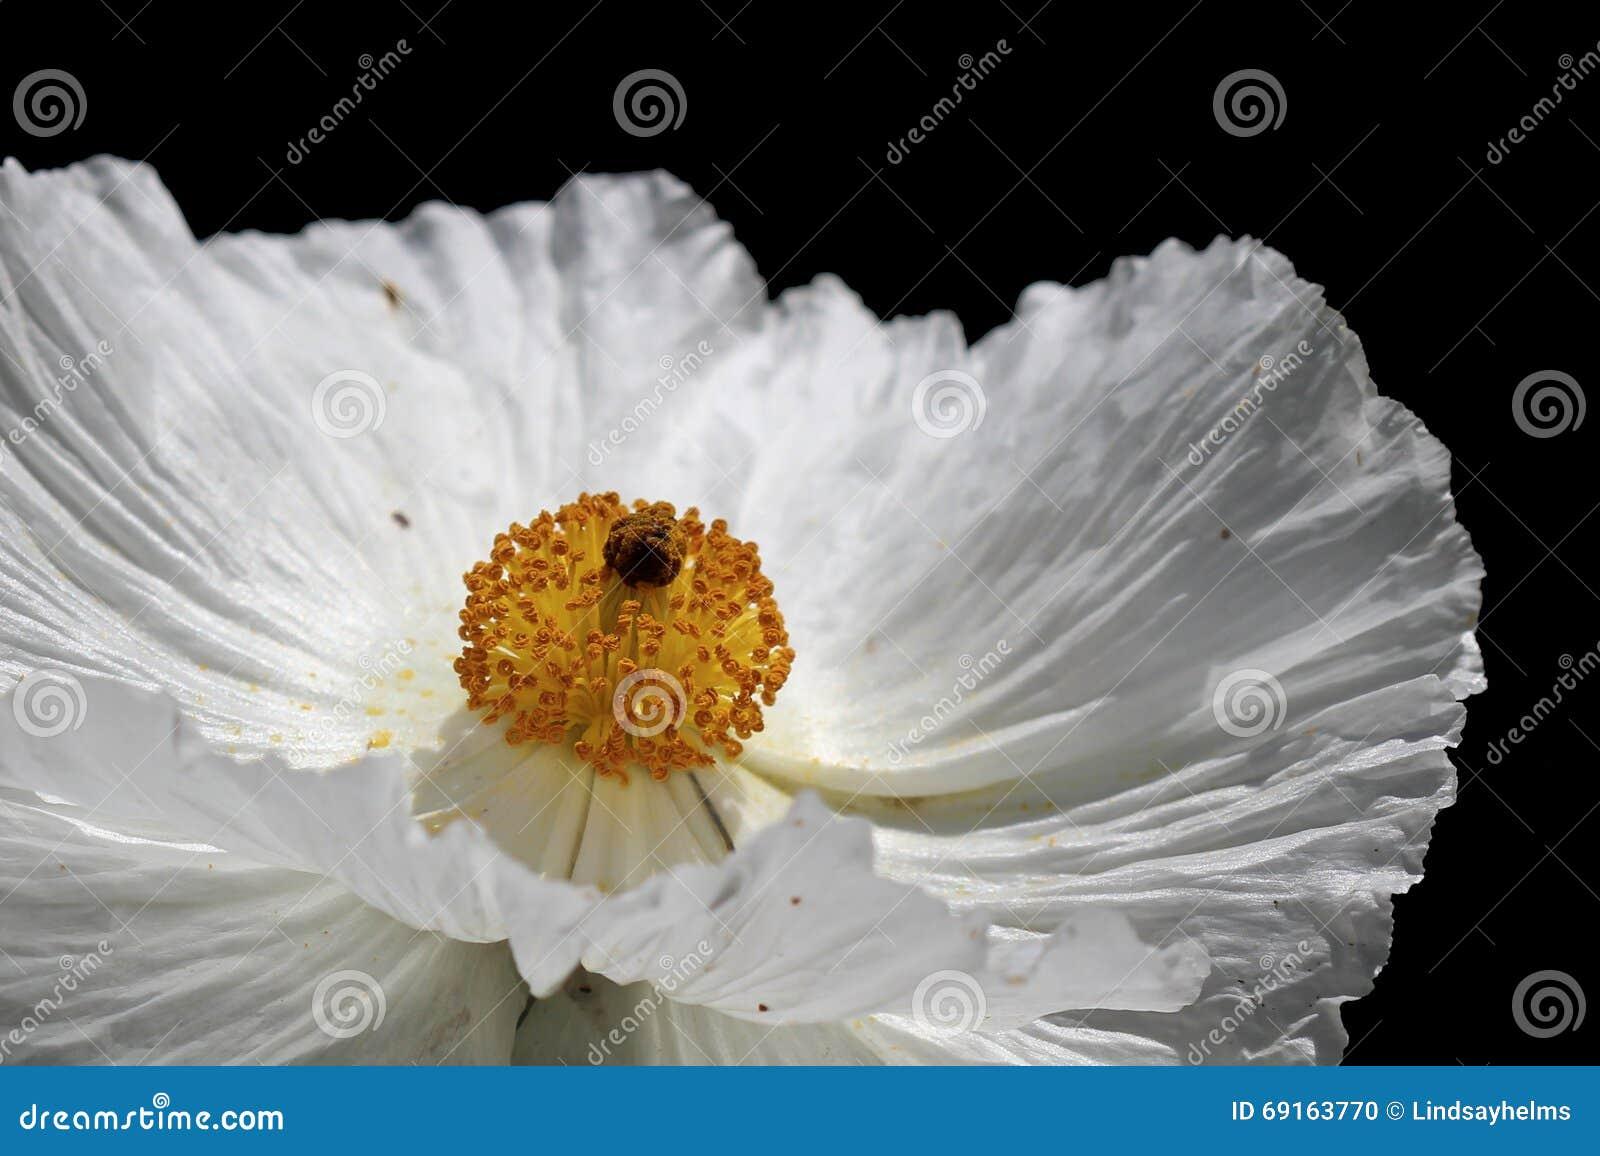 fleur de pavot pineux photo stock image 69163770. Black Bedroom Furniture Sets. Home Design Ideas